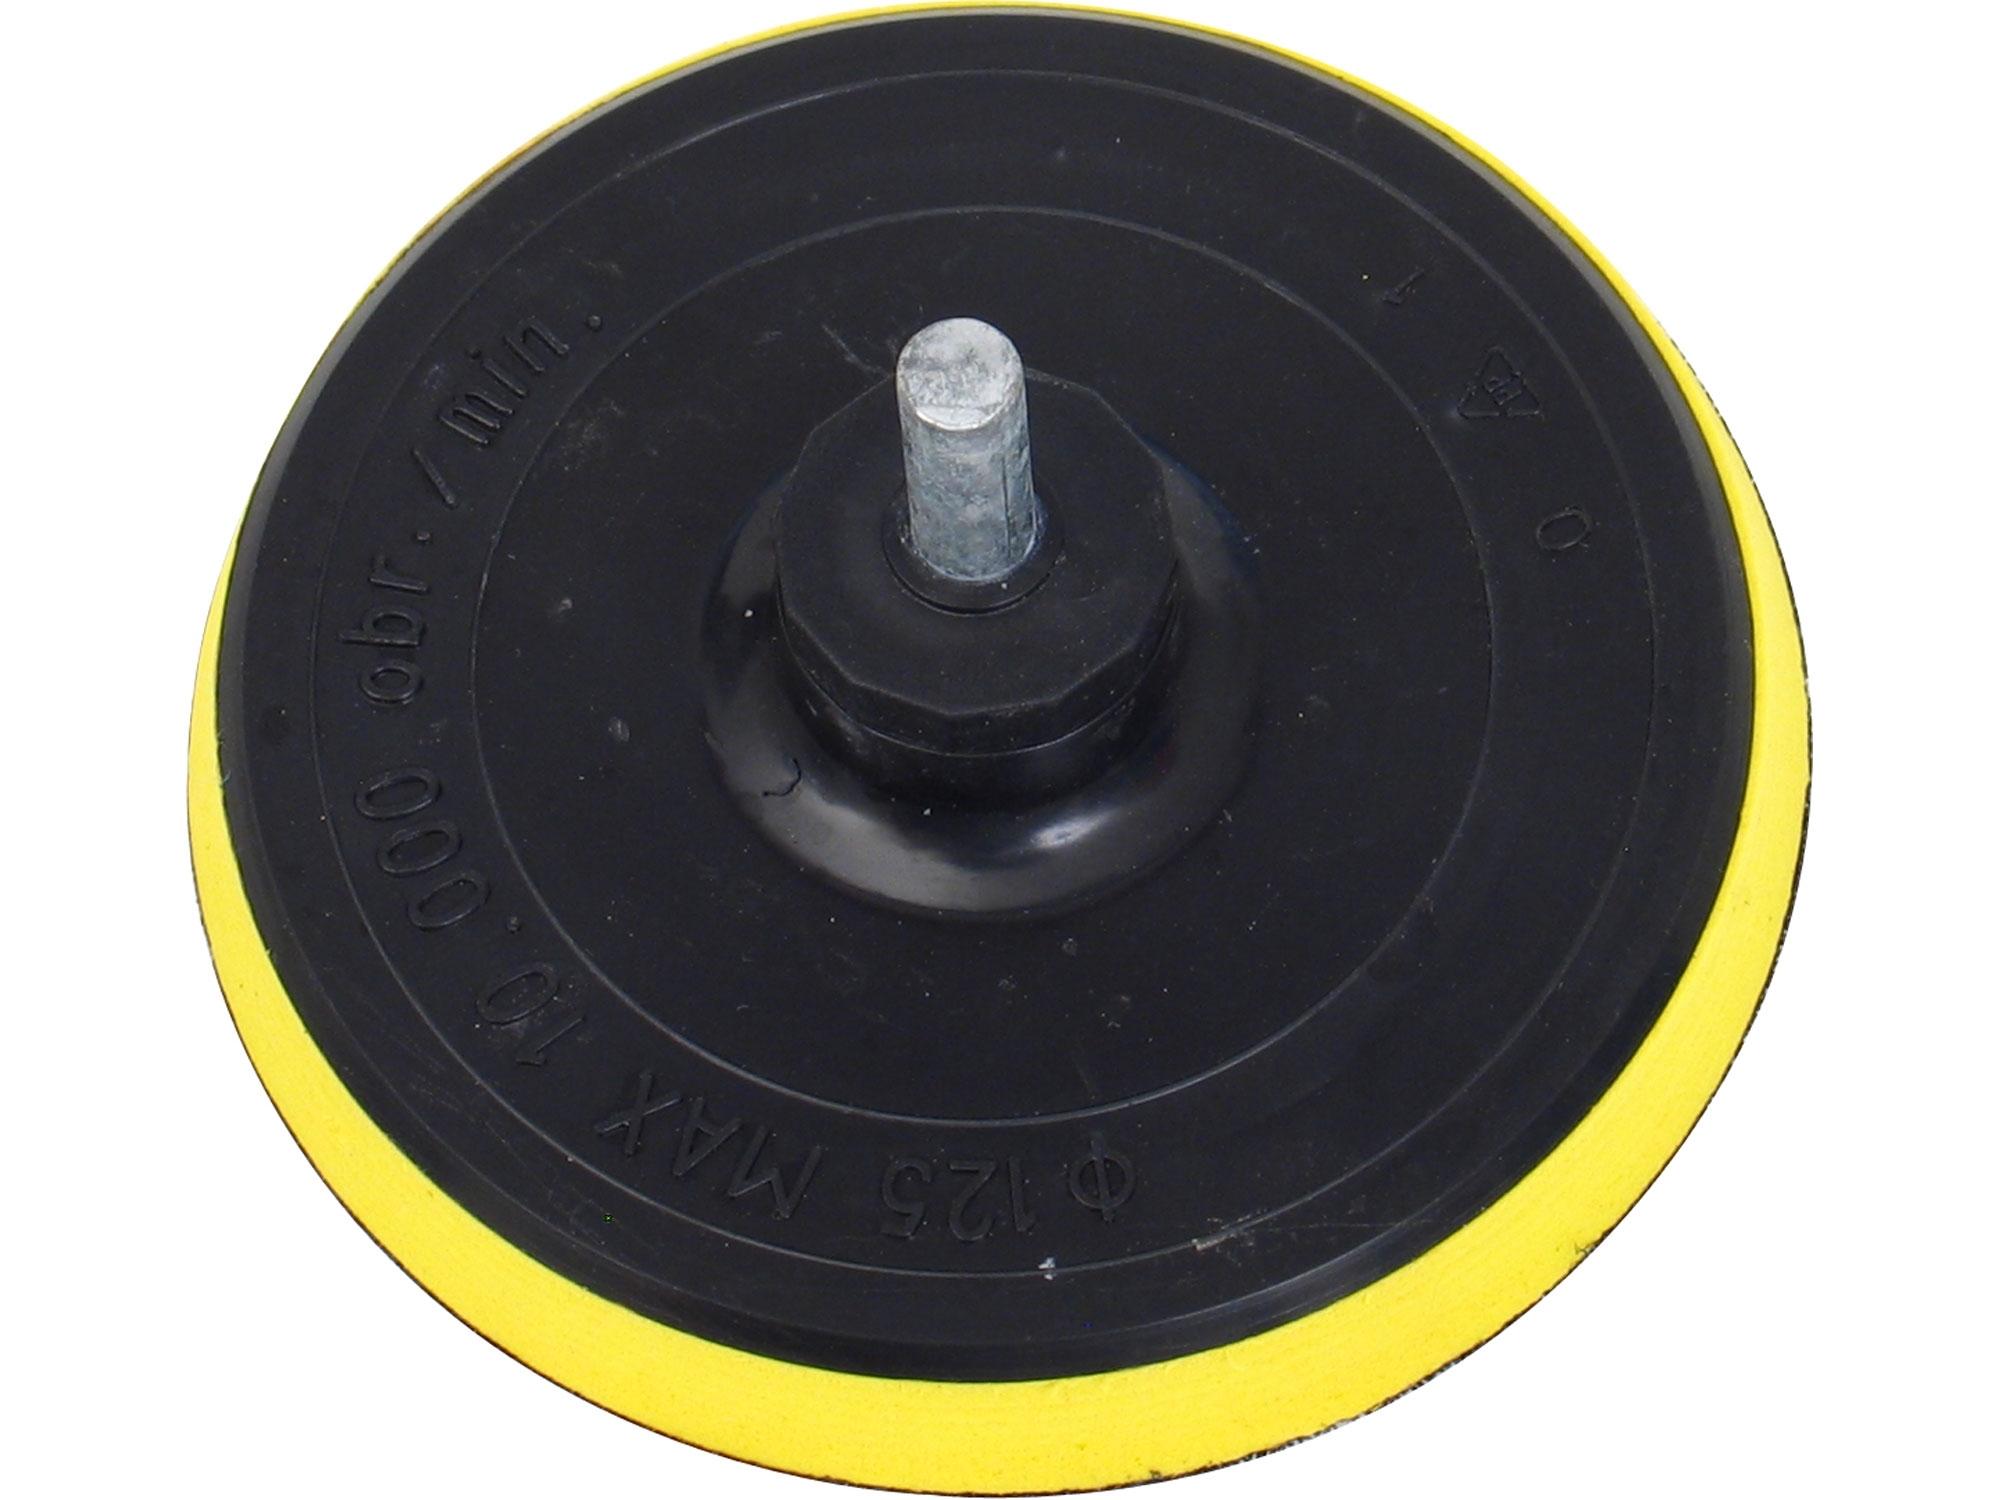 nosič brusných výseků do vrtačky - suchý zip, rp.125mm, stopka 8mm, EXTOL CRAFT 108425